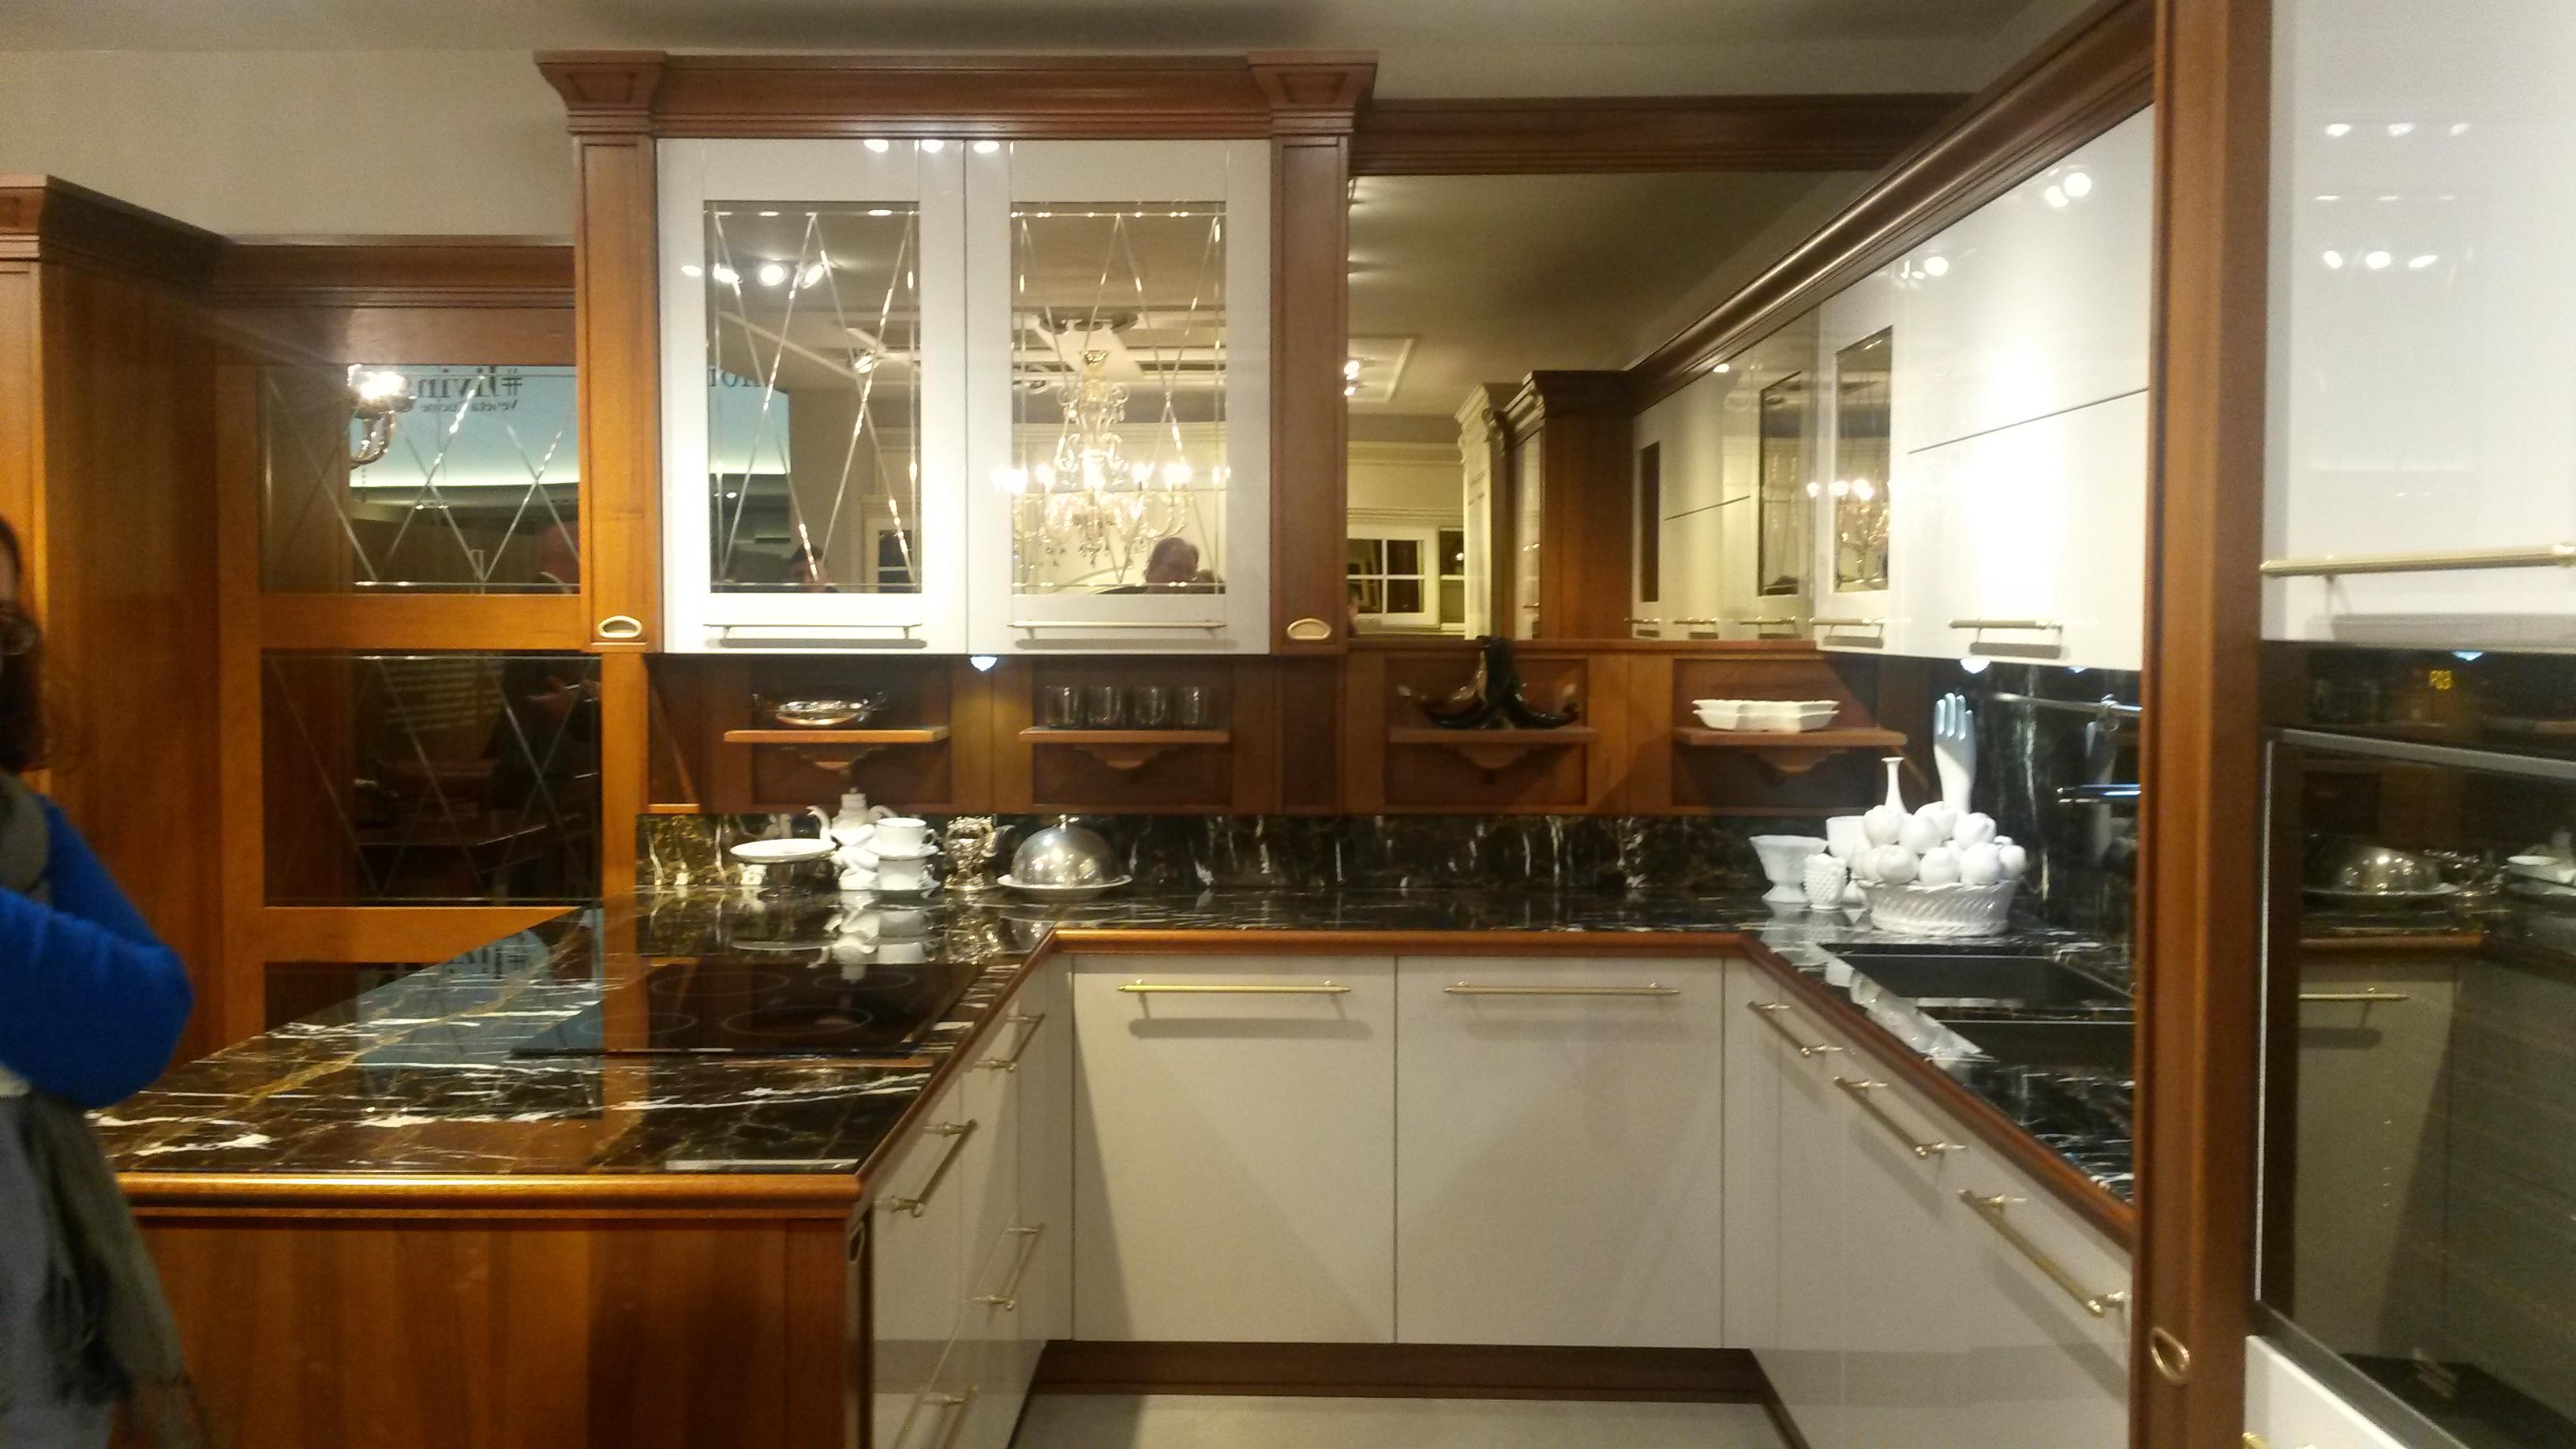 Il Classico Incontra Il Moderno: Il Calore E La Solidità Del Legno  #0C3066 3264 1836 Come Pulire I Mobili Da Cucina In Legno